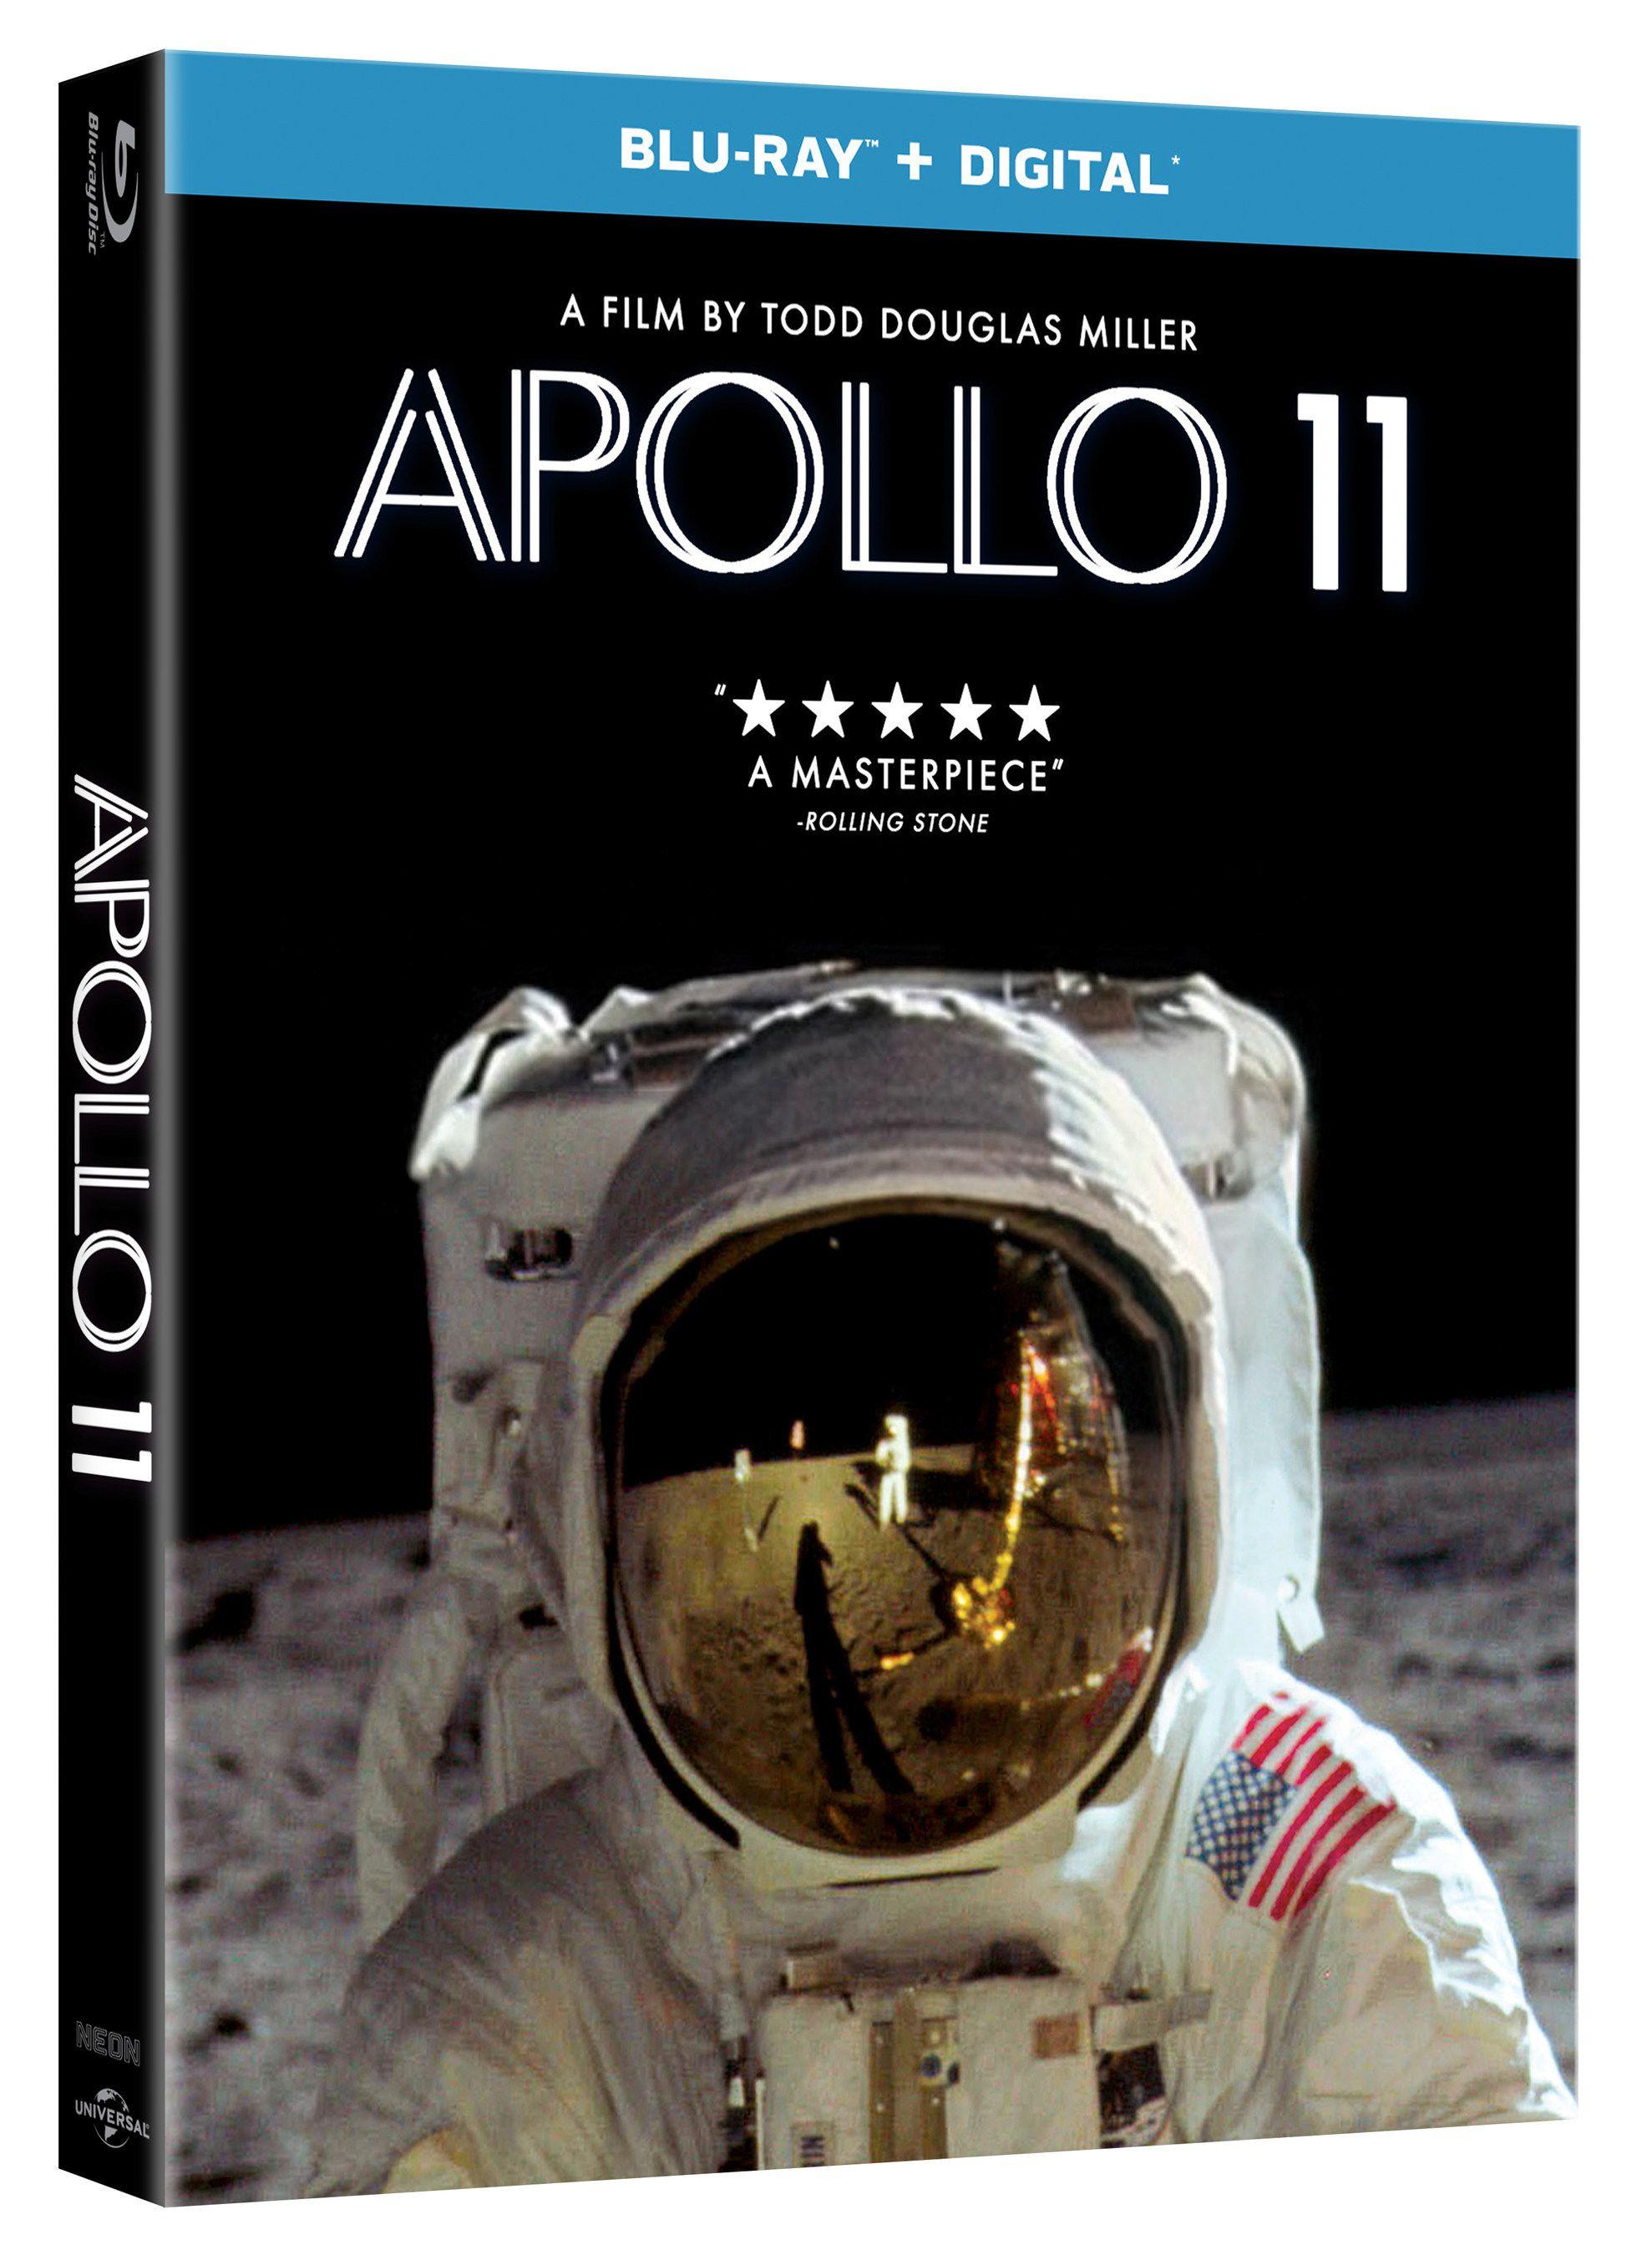 Bluray and dvd date for apollo 11 2019 apollo 11 blu